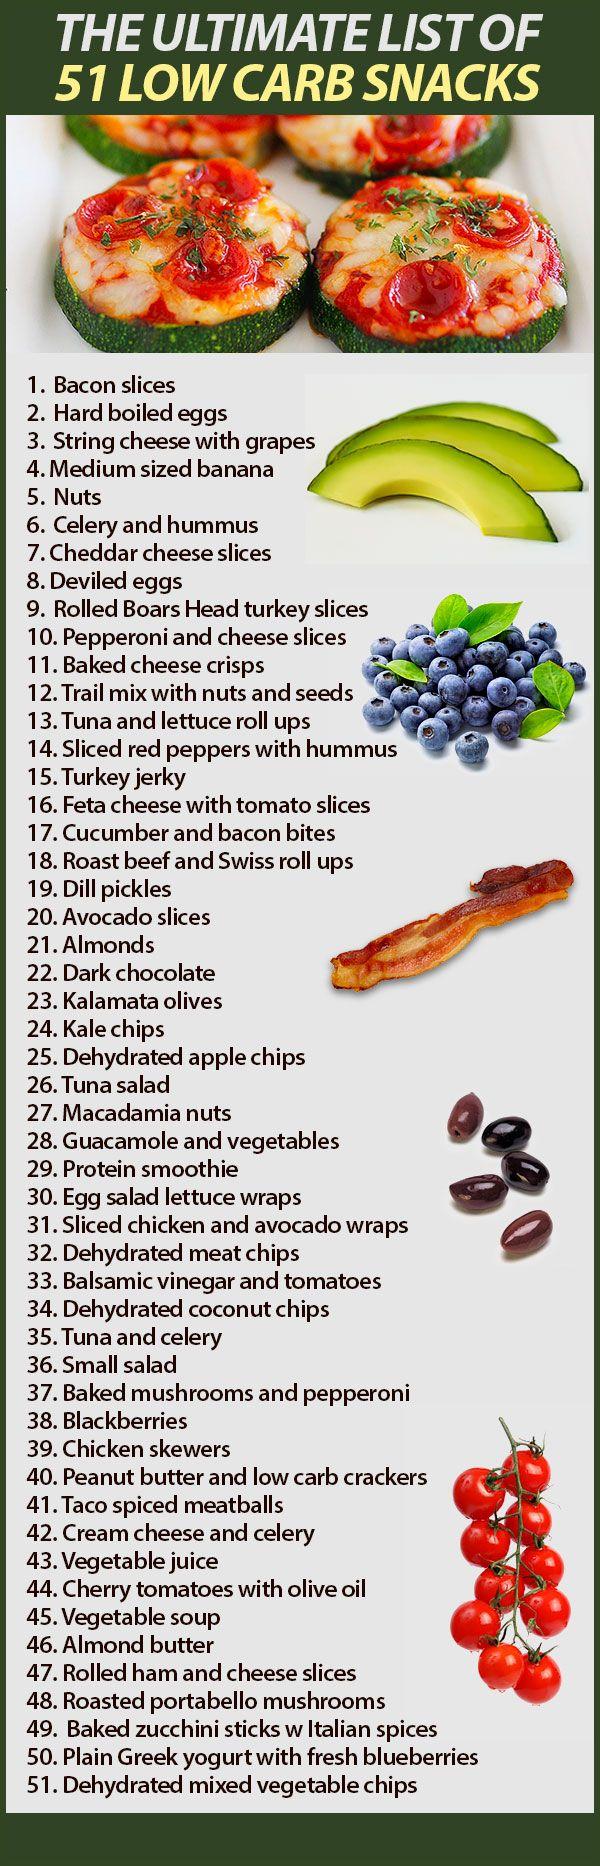 diabetes langolámera koolhidraten